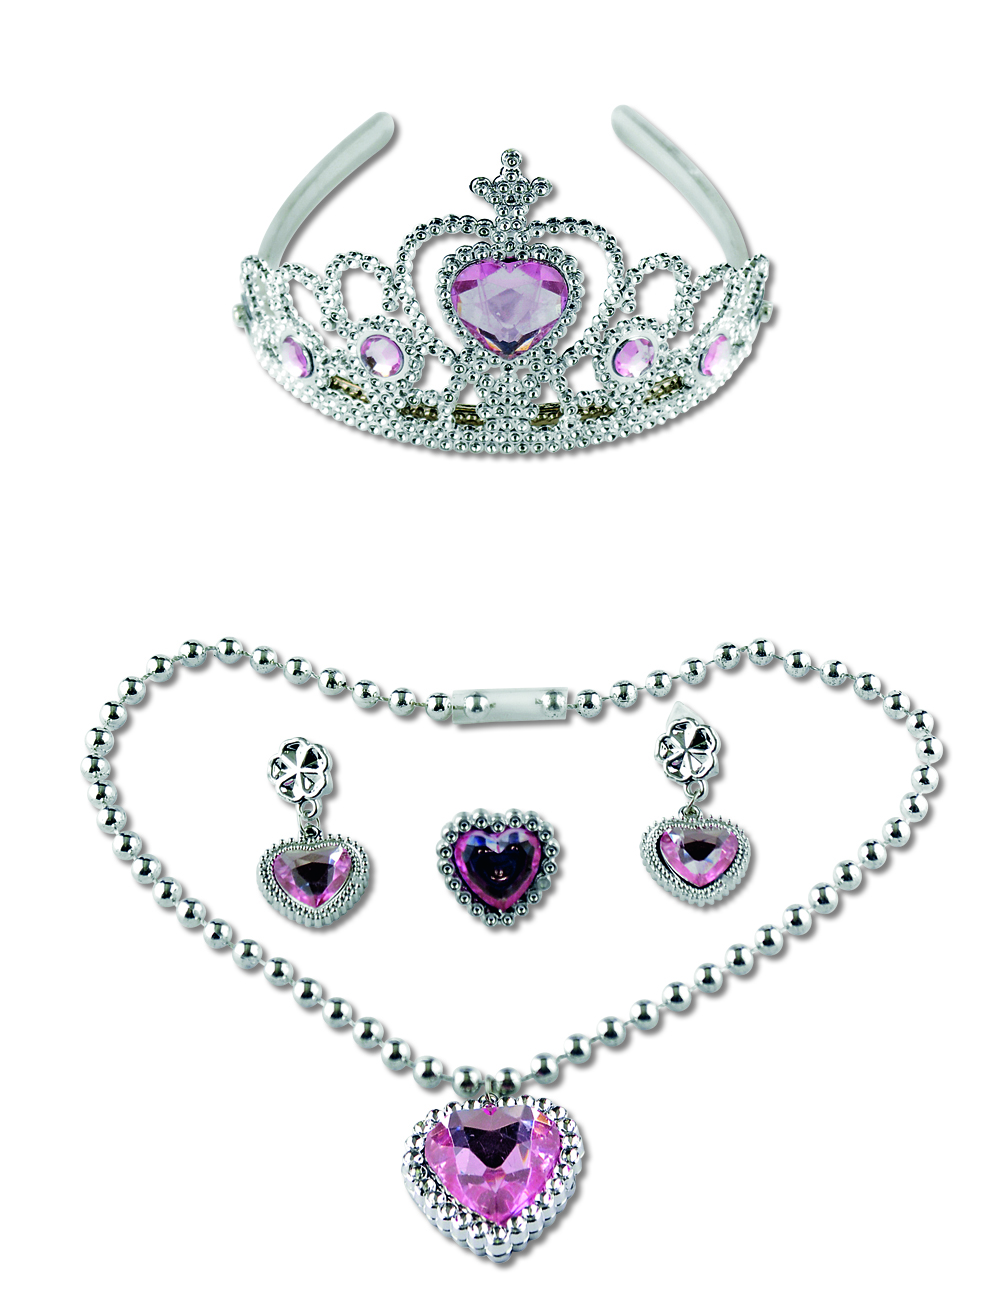 4 tlg. Schmuckset KINDER Prinzessin, Diadem, Kette, Ohrclips rosa